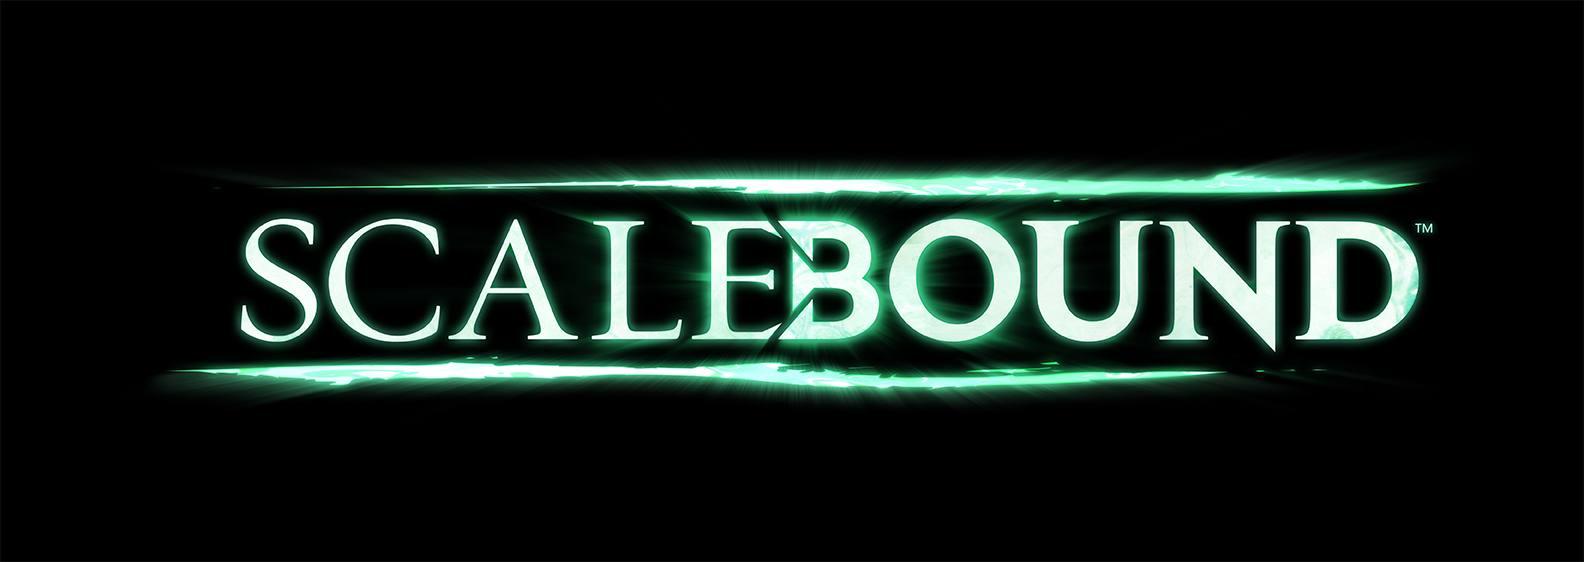 Scalebound_2016_06-13-16_009